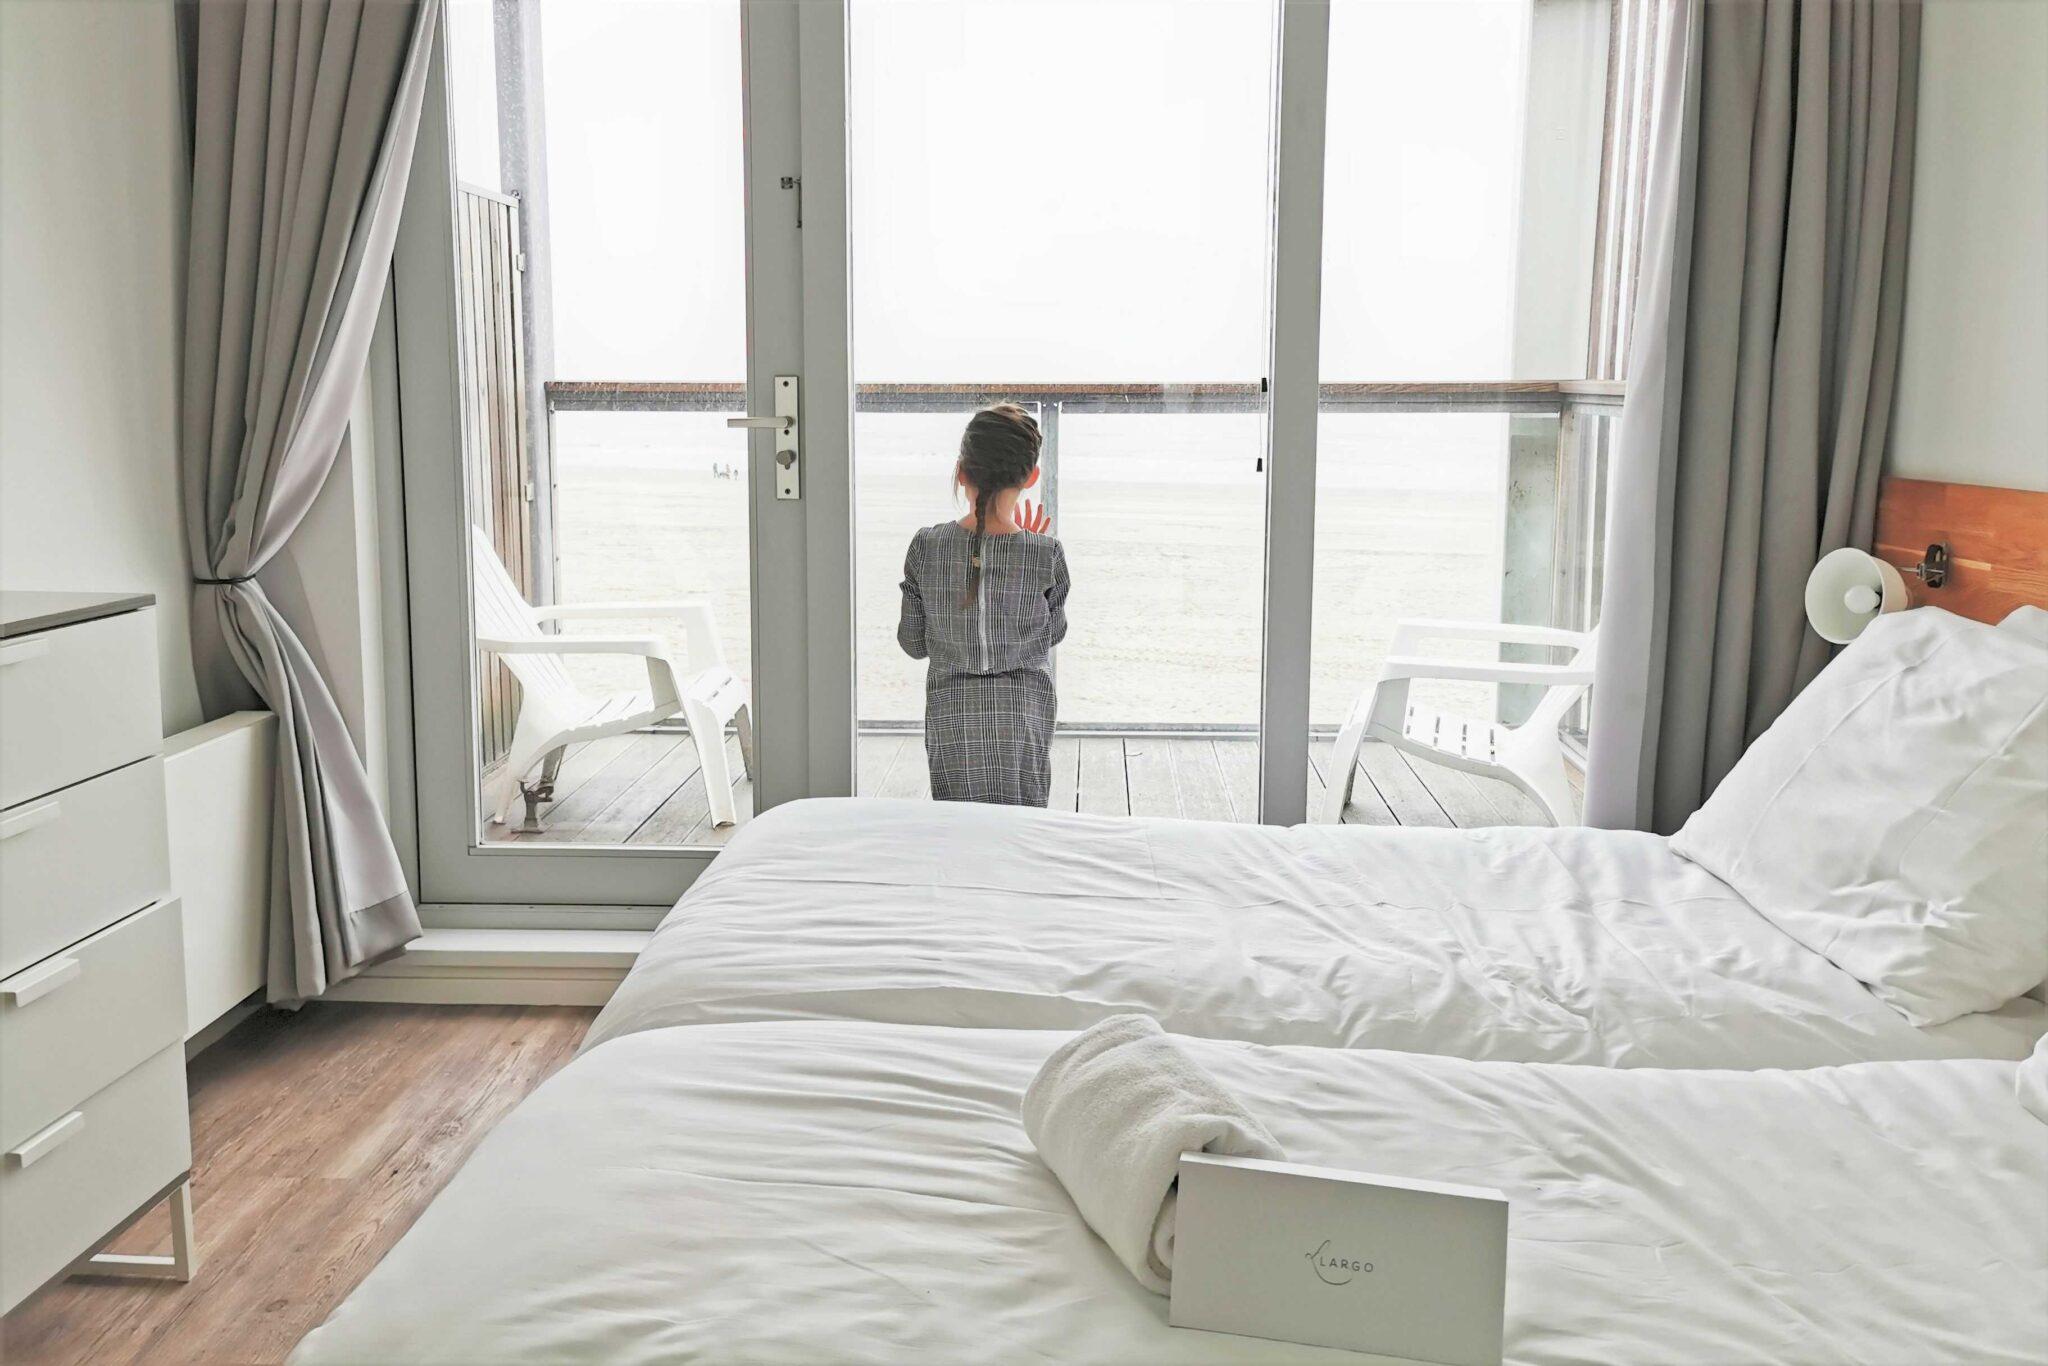 Beach Villa's Hoek van Holland; ervaringen van overnachting met kinderen. Overnachten in een strandhuisje en slapen op het strand ook in de winter = Mamaliefde.nl